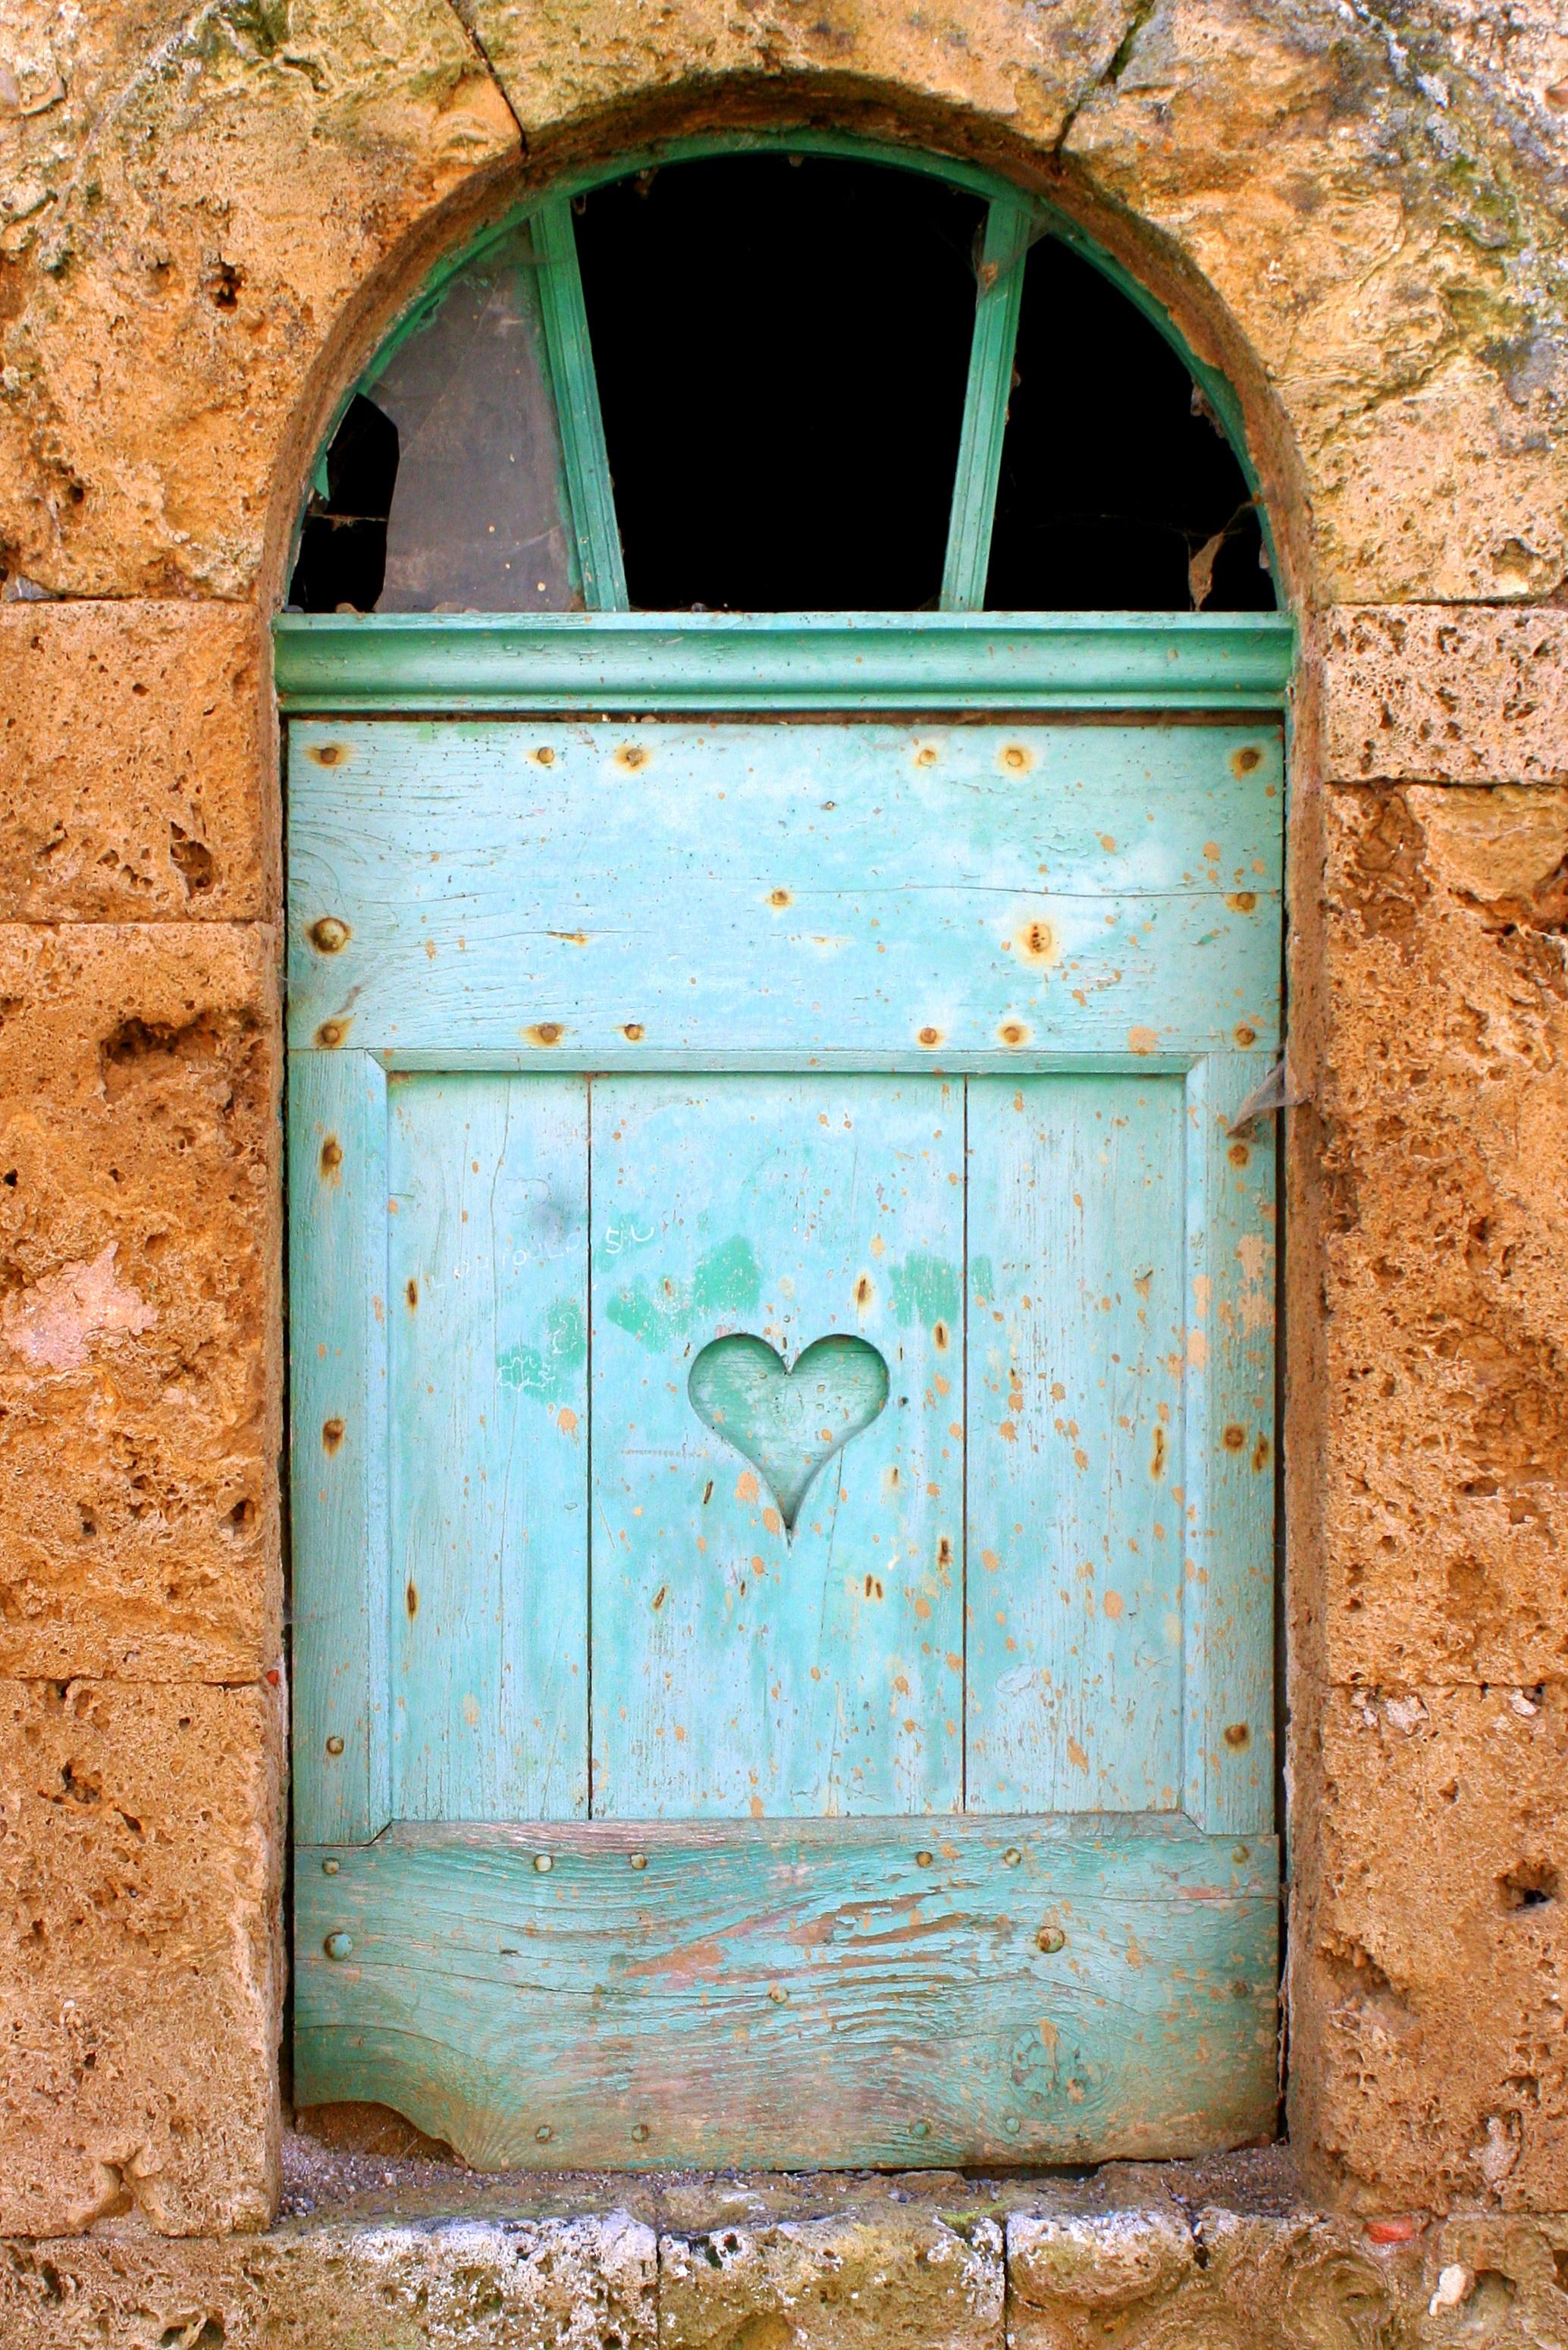 Hervorragend ... Rustikal, Dorf, Frankreich, Europa, Bogen, Herz, Dekoration,  Ländlichen, Grün, Farbe, Fassade, Blau, Außen, Ziegel, Tür, Verschluss,  Verwittert, Türkis, ...